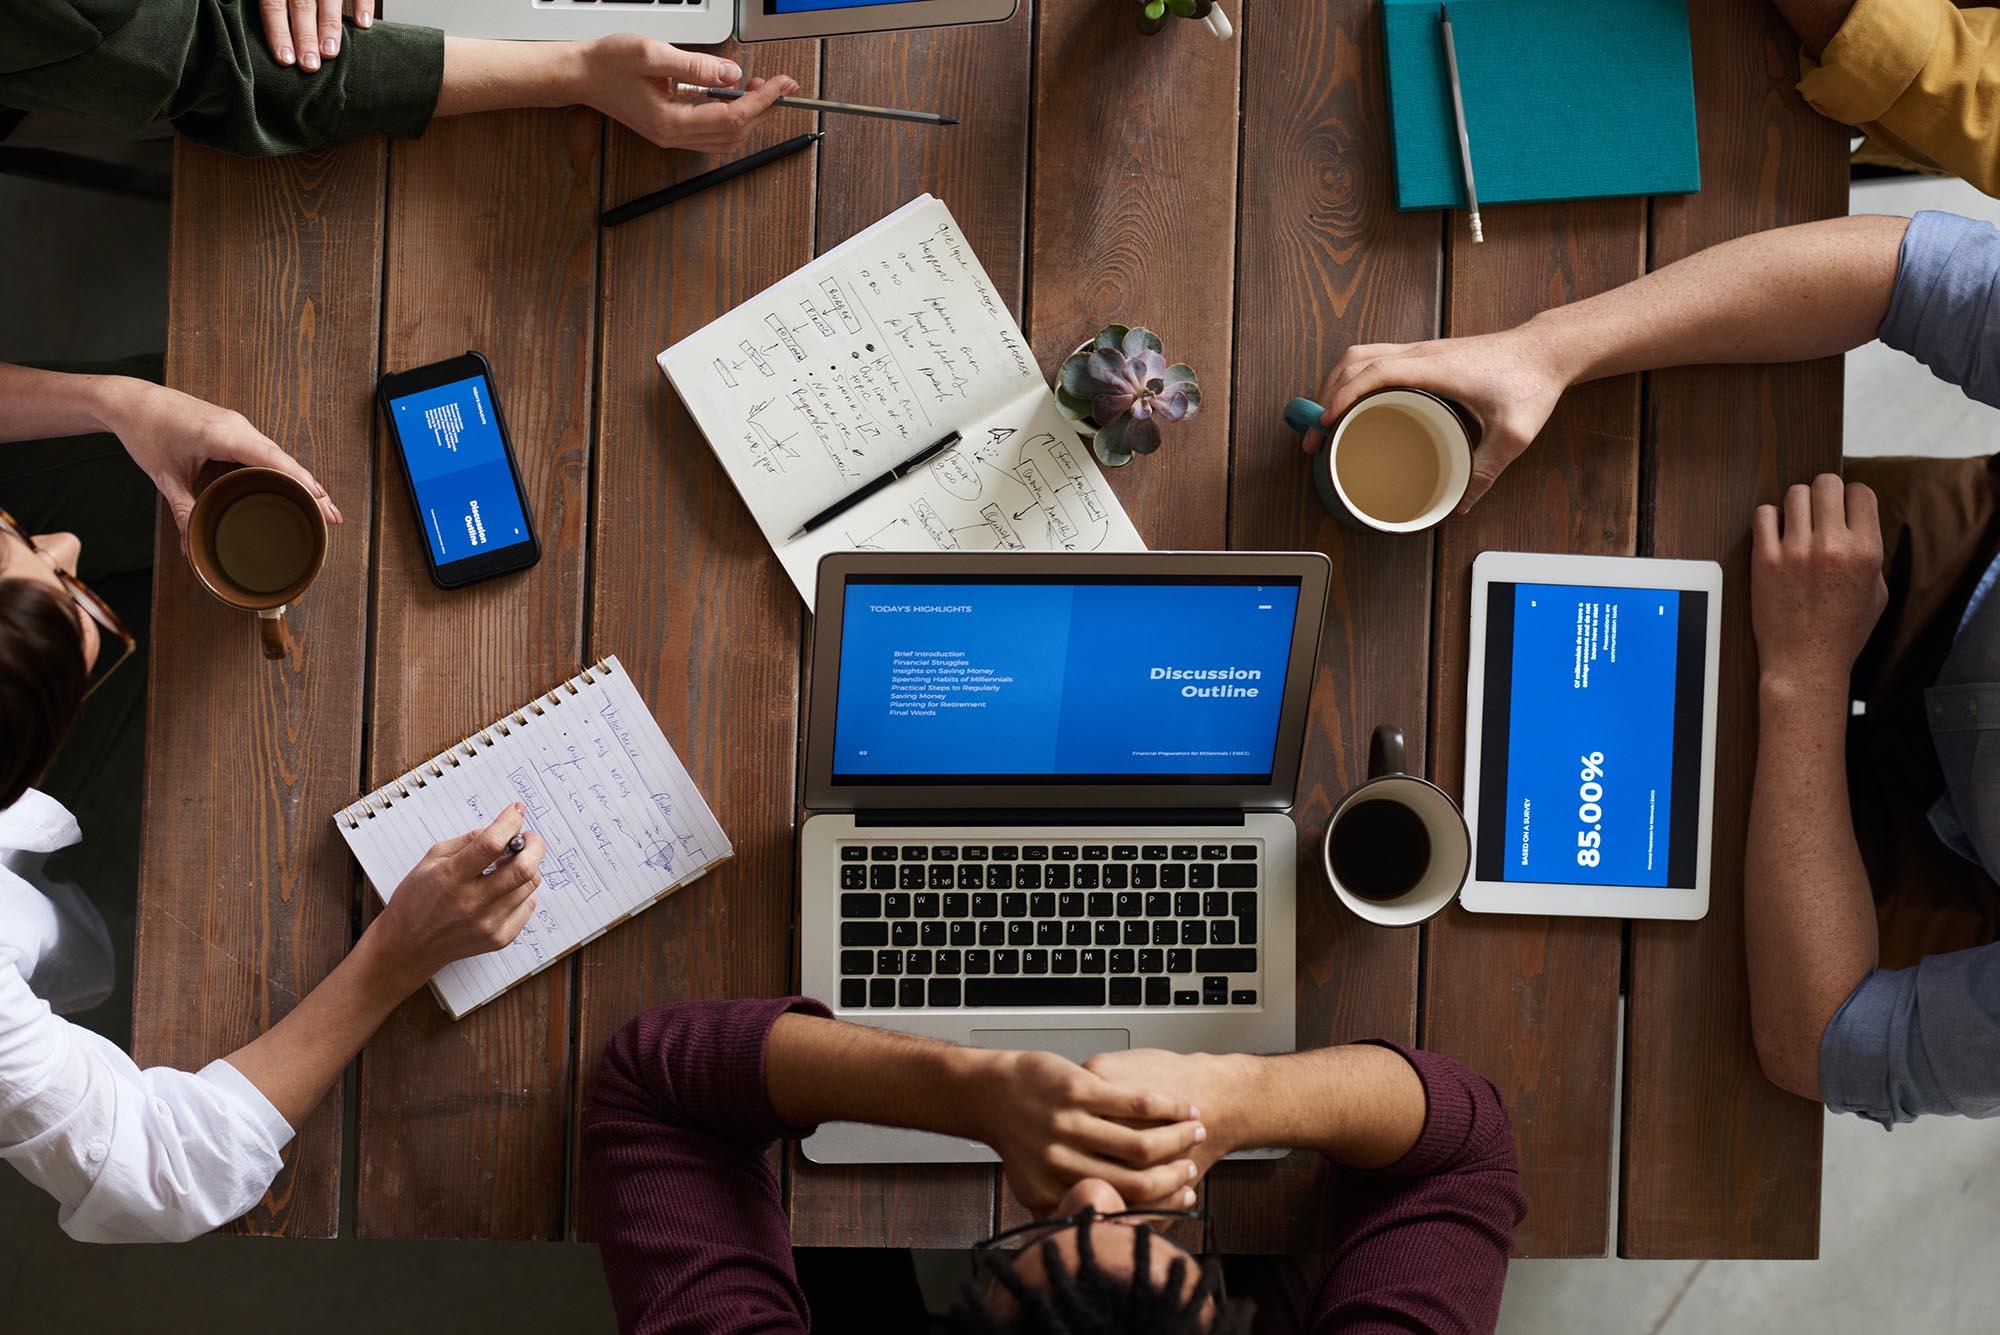 Gruppe von Menschen arbeiten an einem Tisch mit Notizbüchern und Laptops